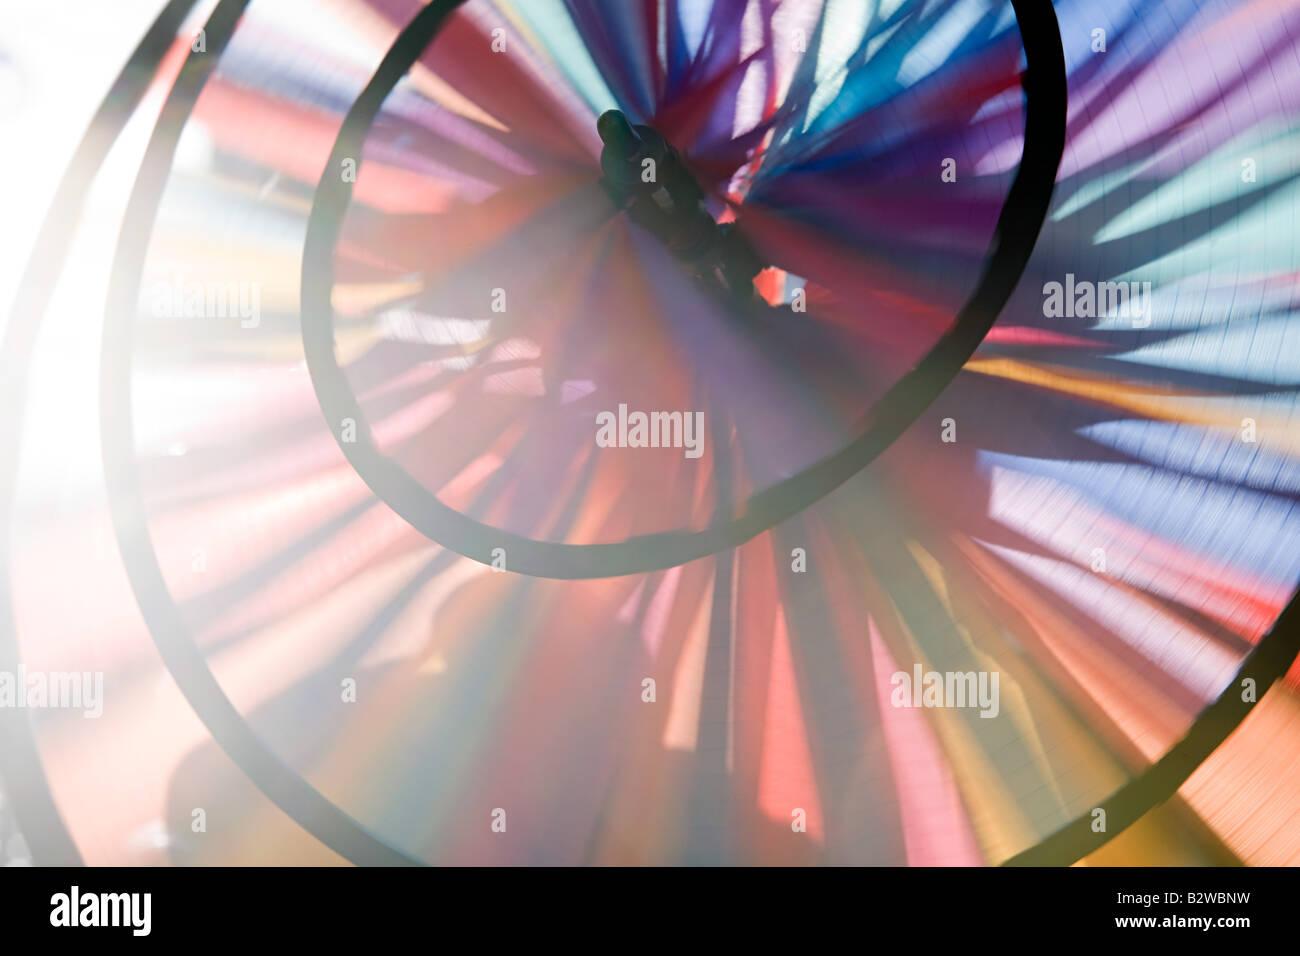 Cierre de una rueda dentada Imagen De Stock